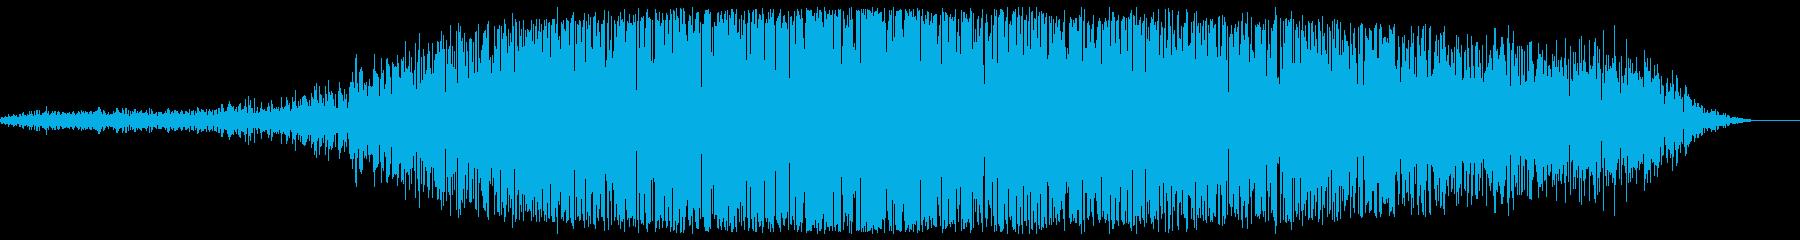 グオオオ(爆弾後の音)の再生済みの波形